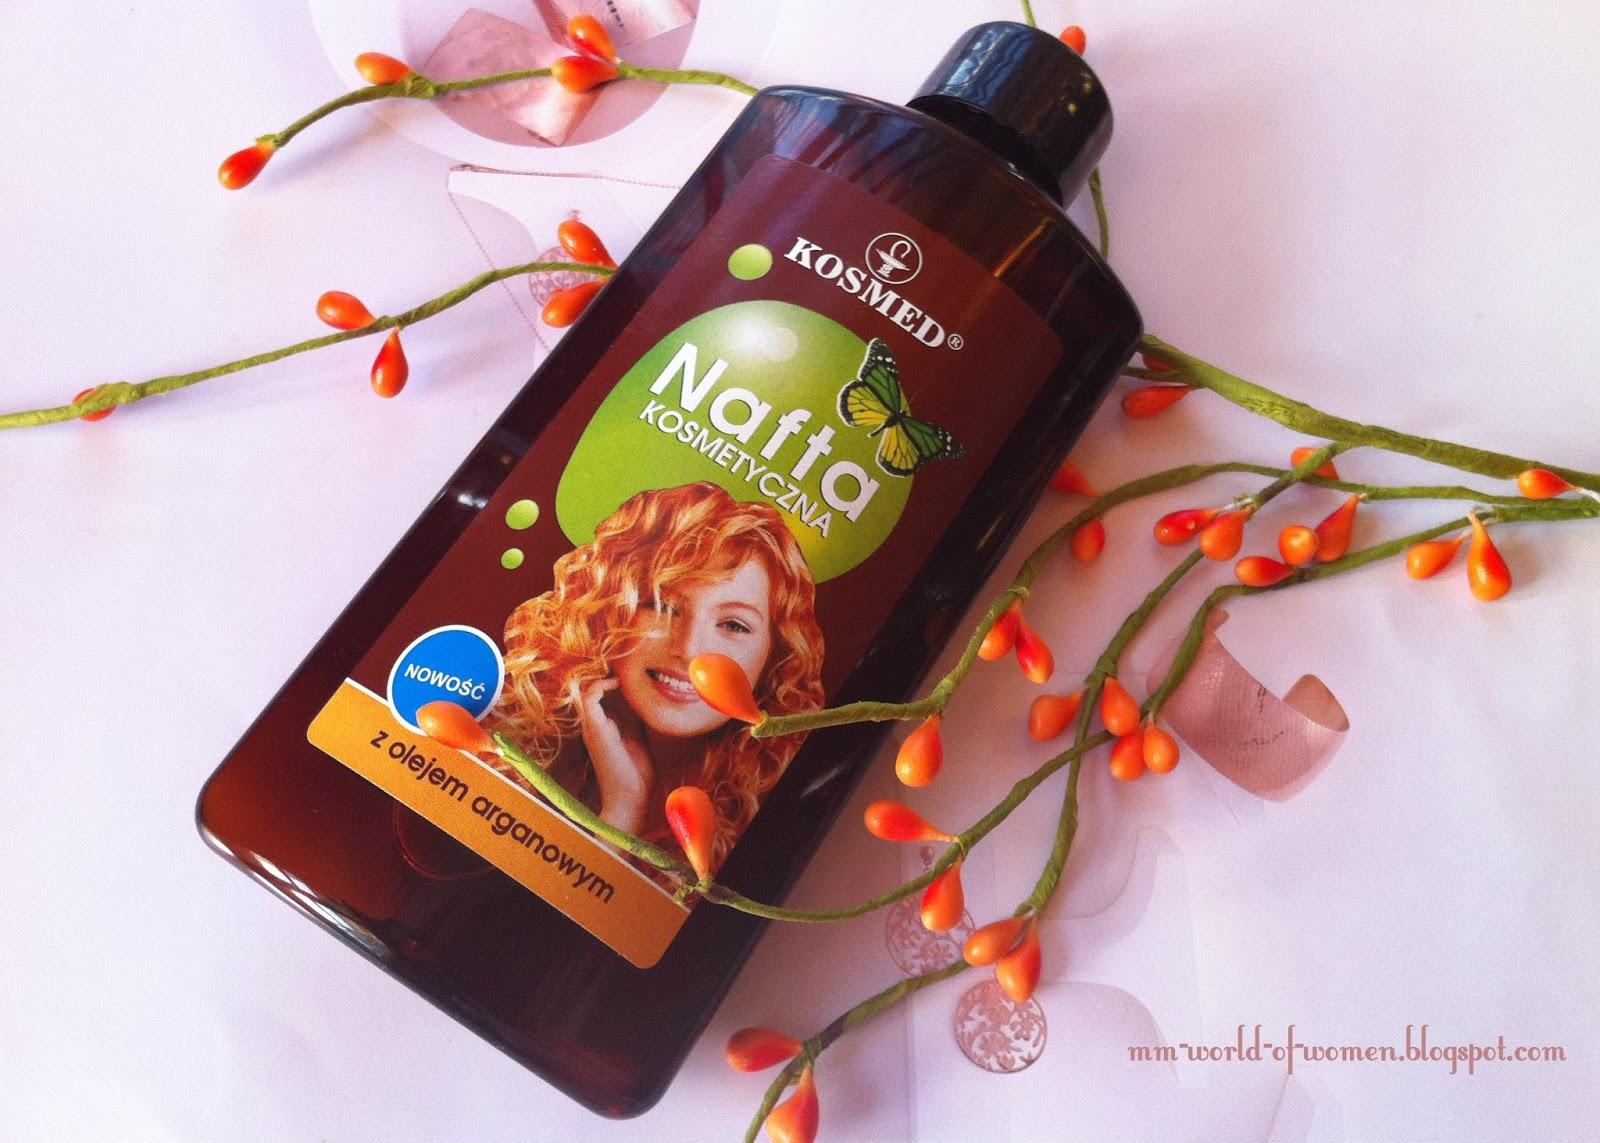 KOSMED - Nafta Kosmetyczna z olejkiem arganowym.